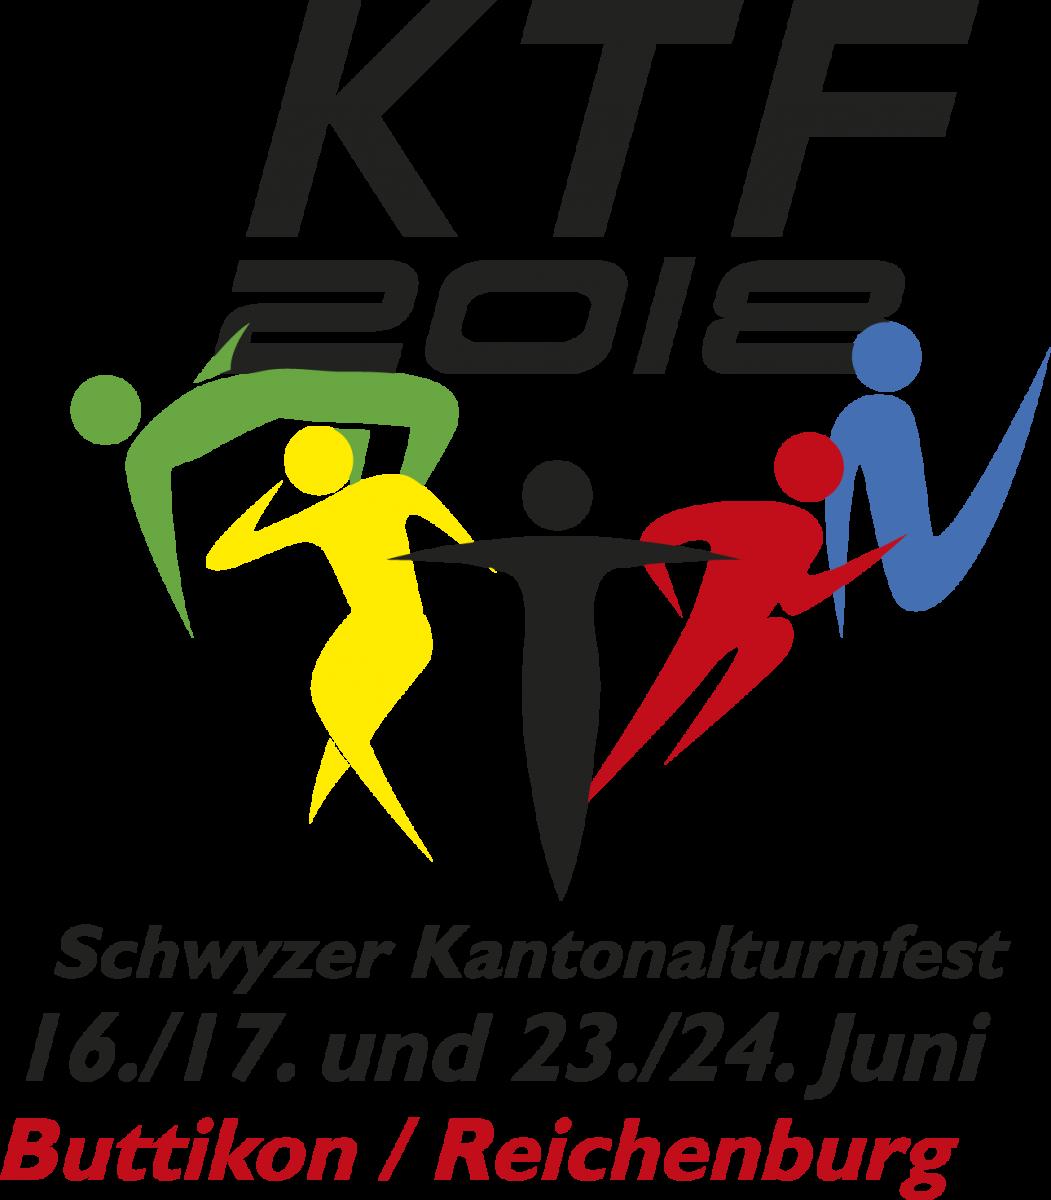 KTF 2018 Buttikon / Reichenburg